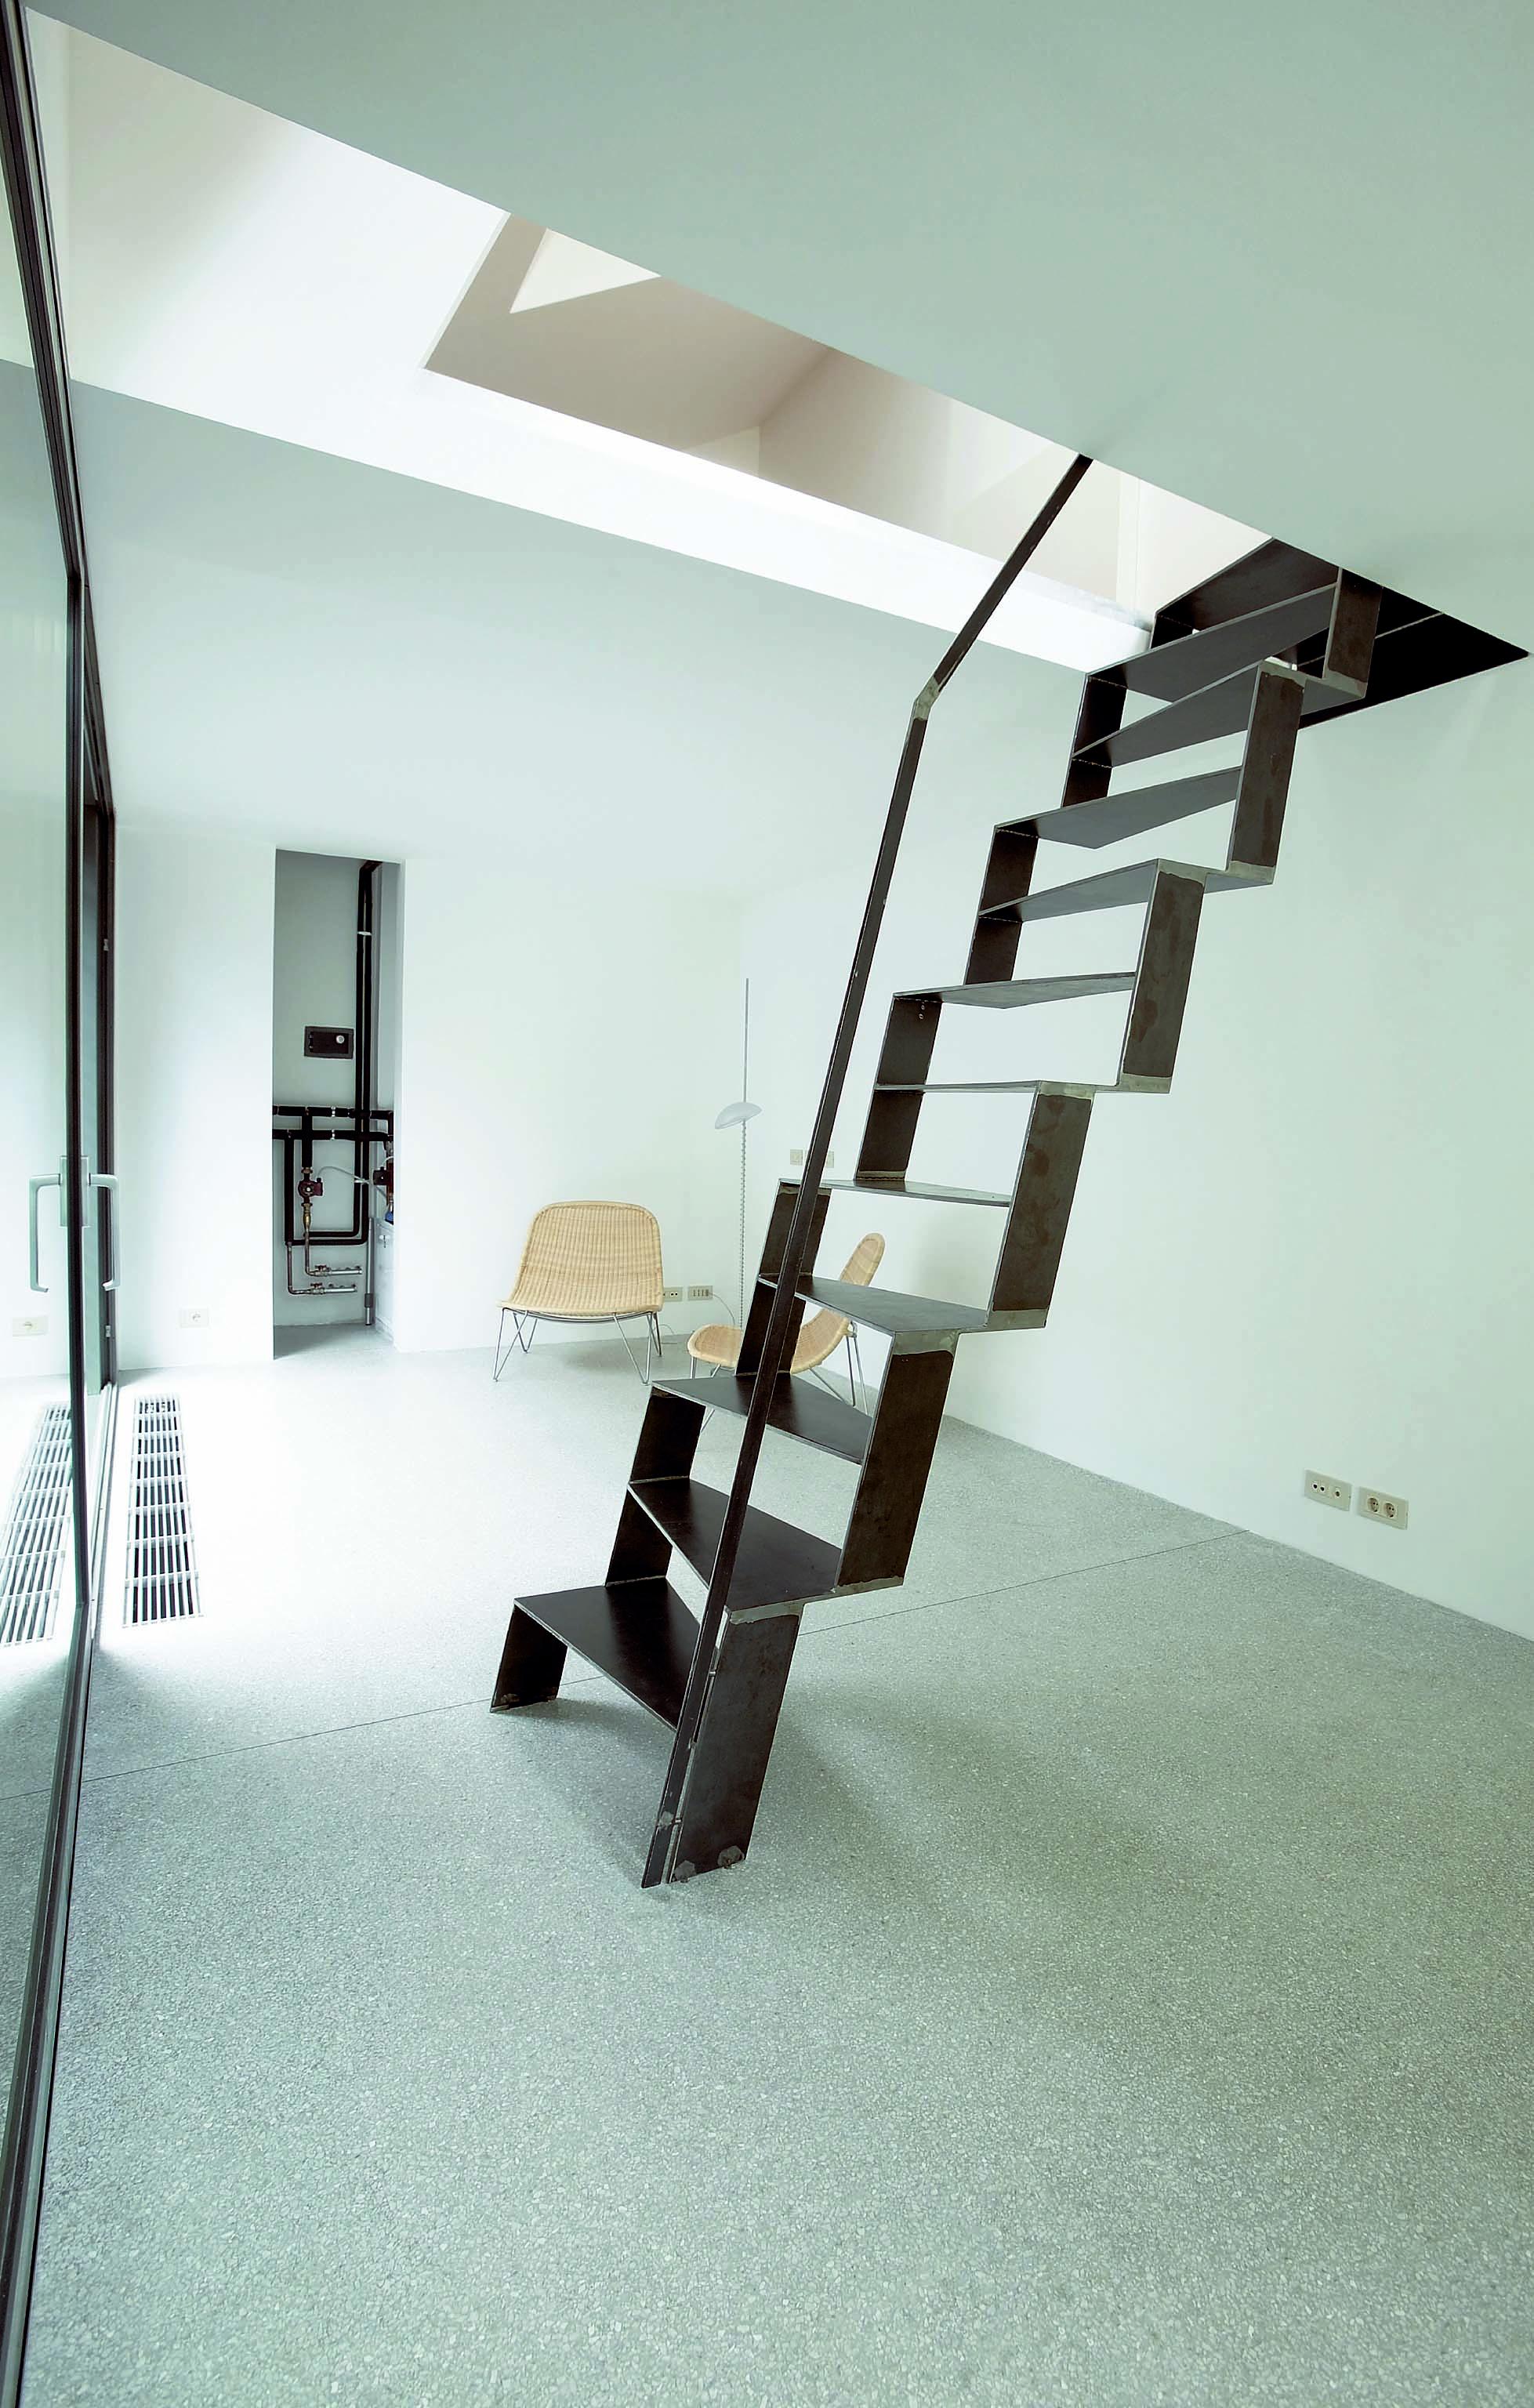 Design semplice e classico